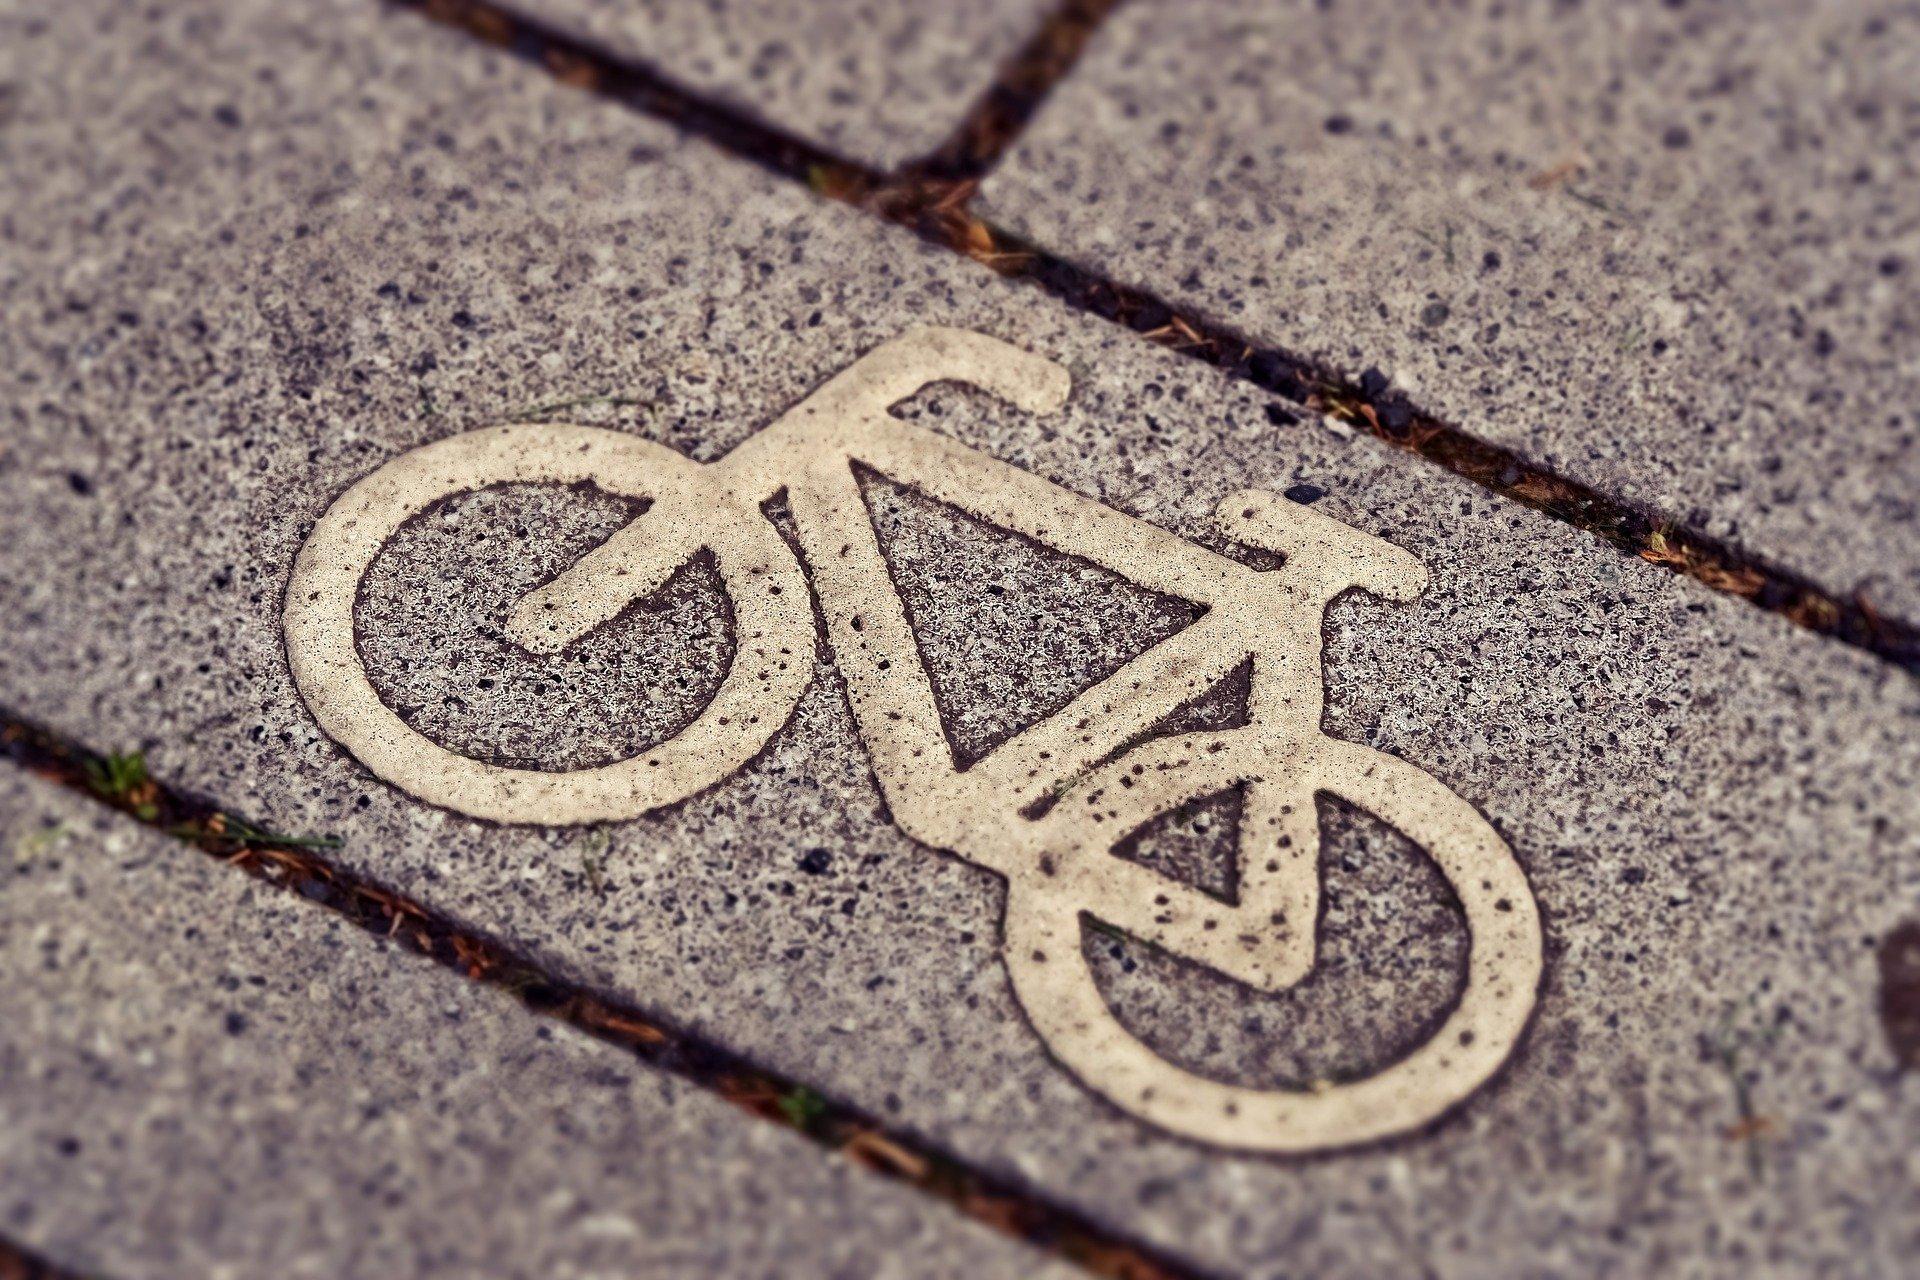 Fahrradweg, Quelle: Bild von MichaelGaida auf Pixabay